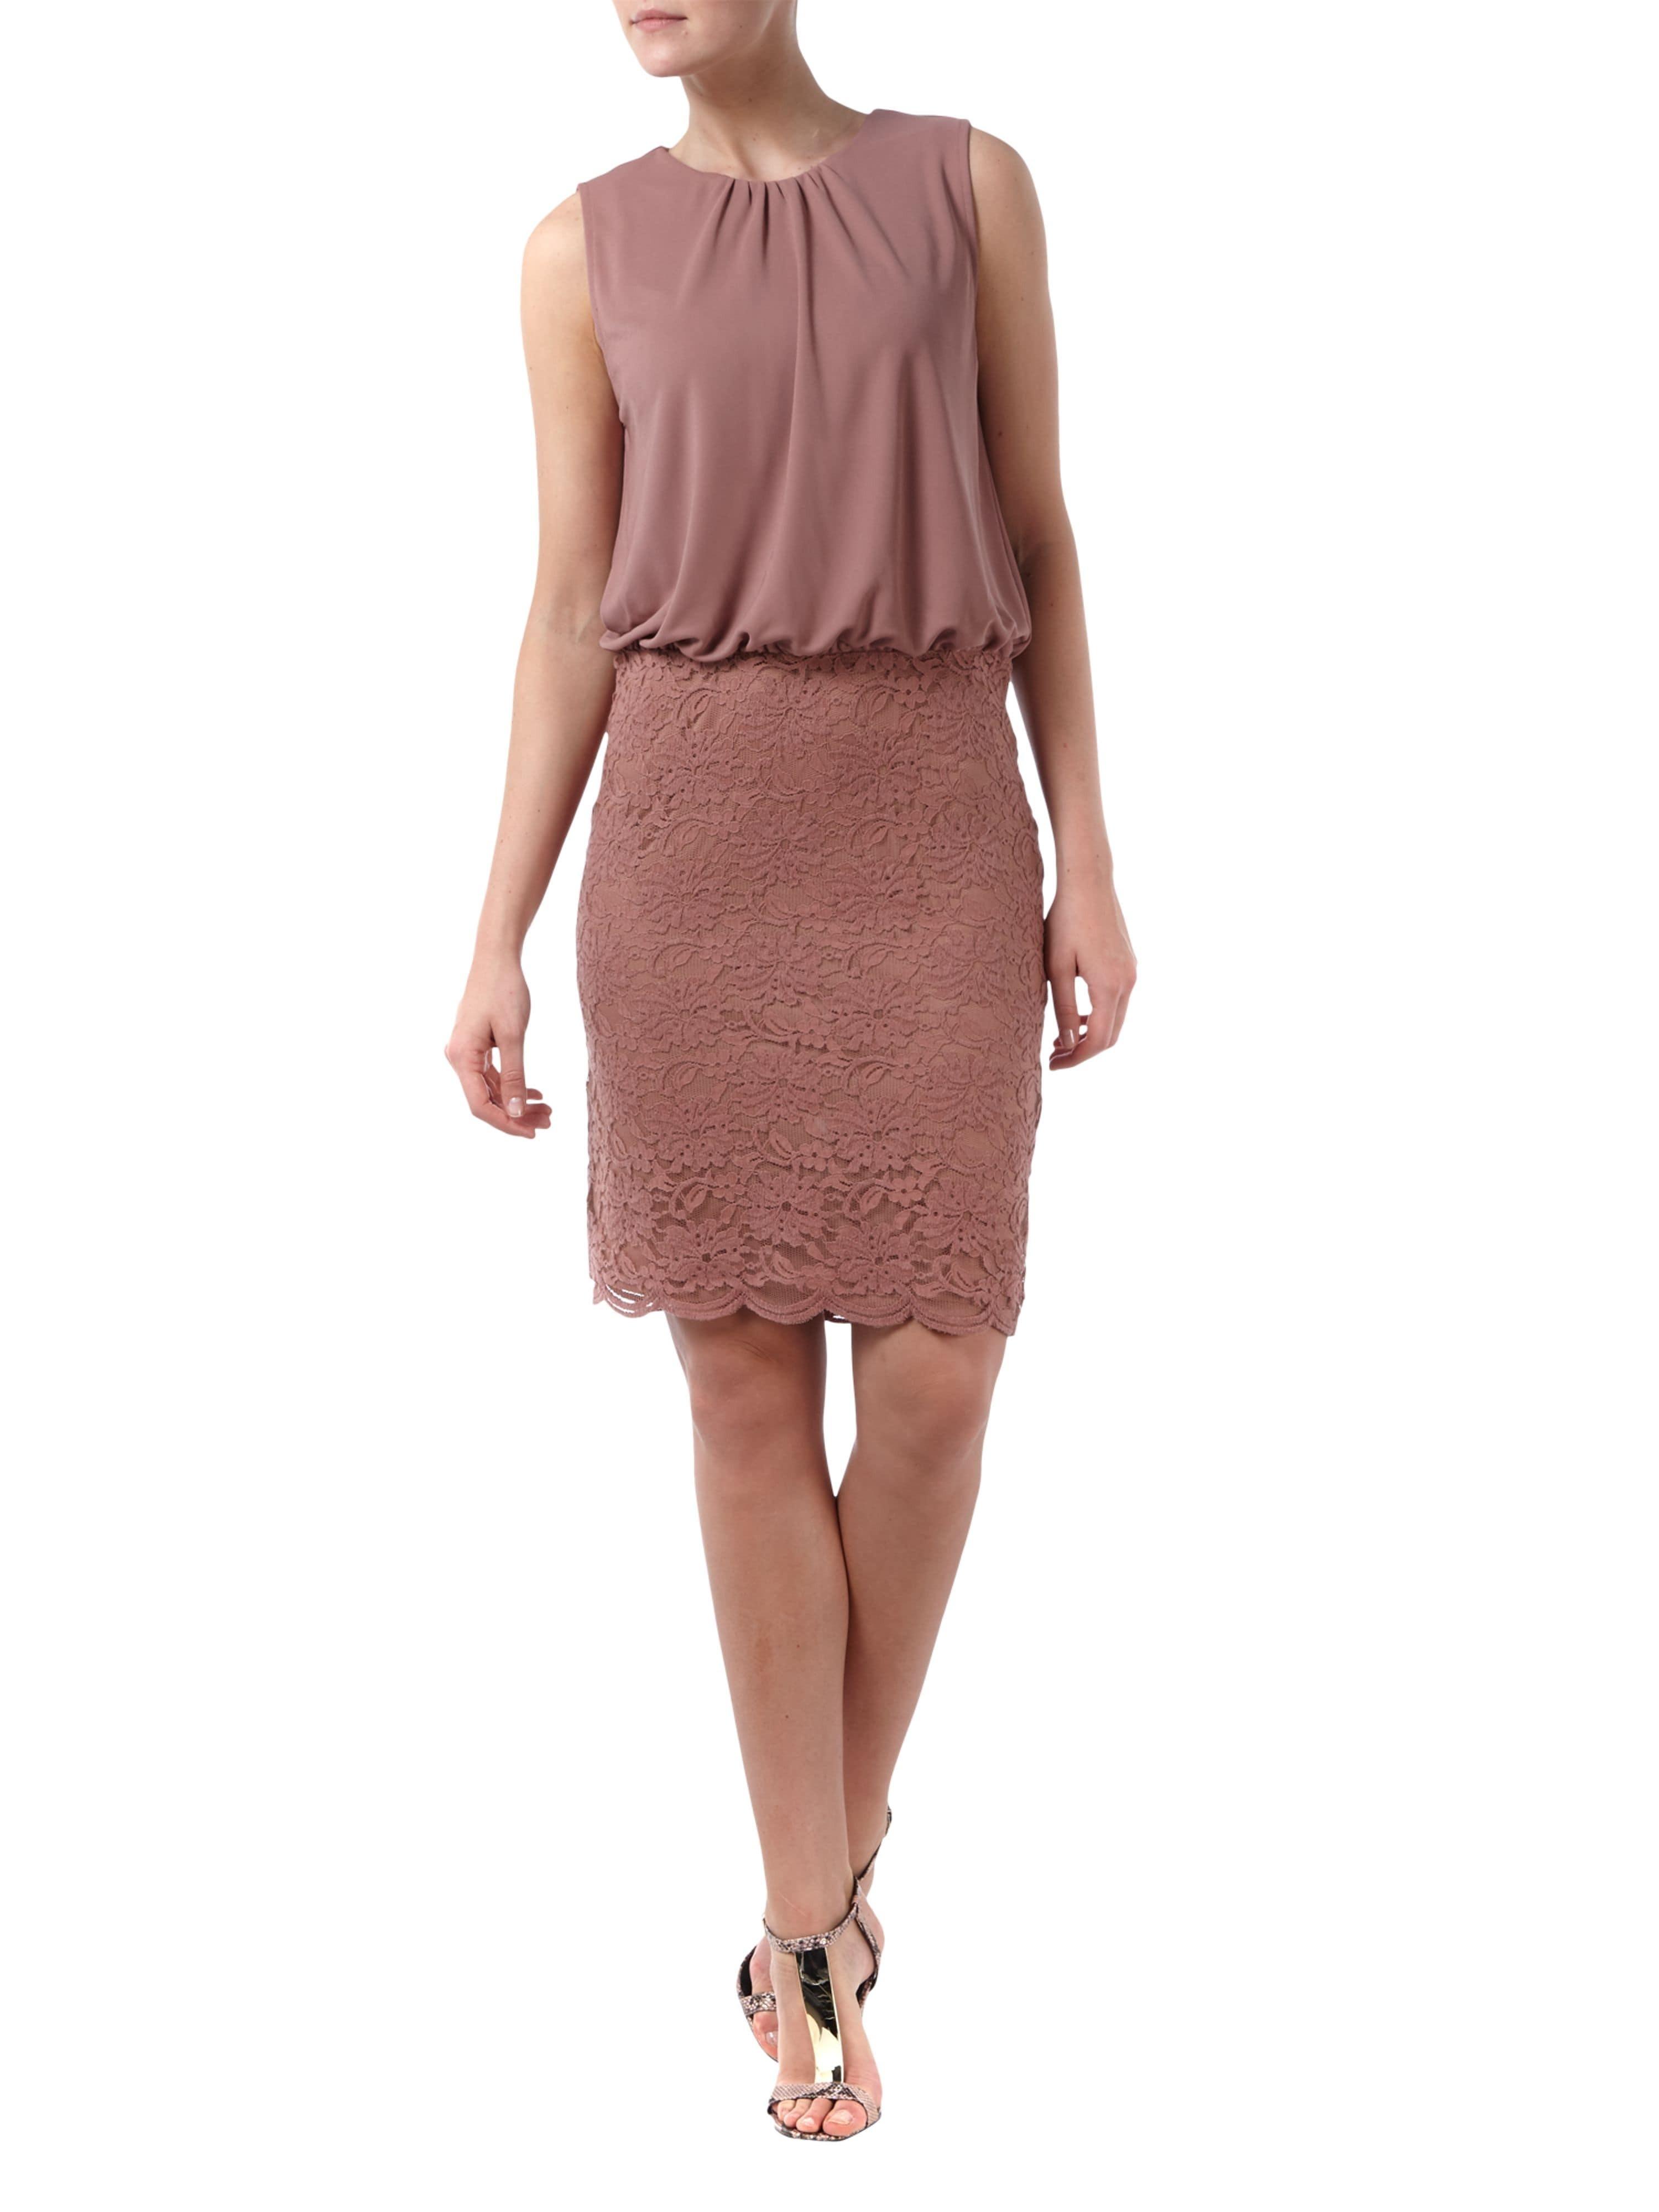 Formal Schön Altrosa Kleid Mit Spitze GalerieFormal Elegant Altrosa Kleid Mit Spitze Design